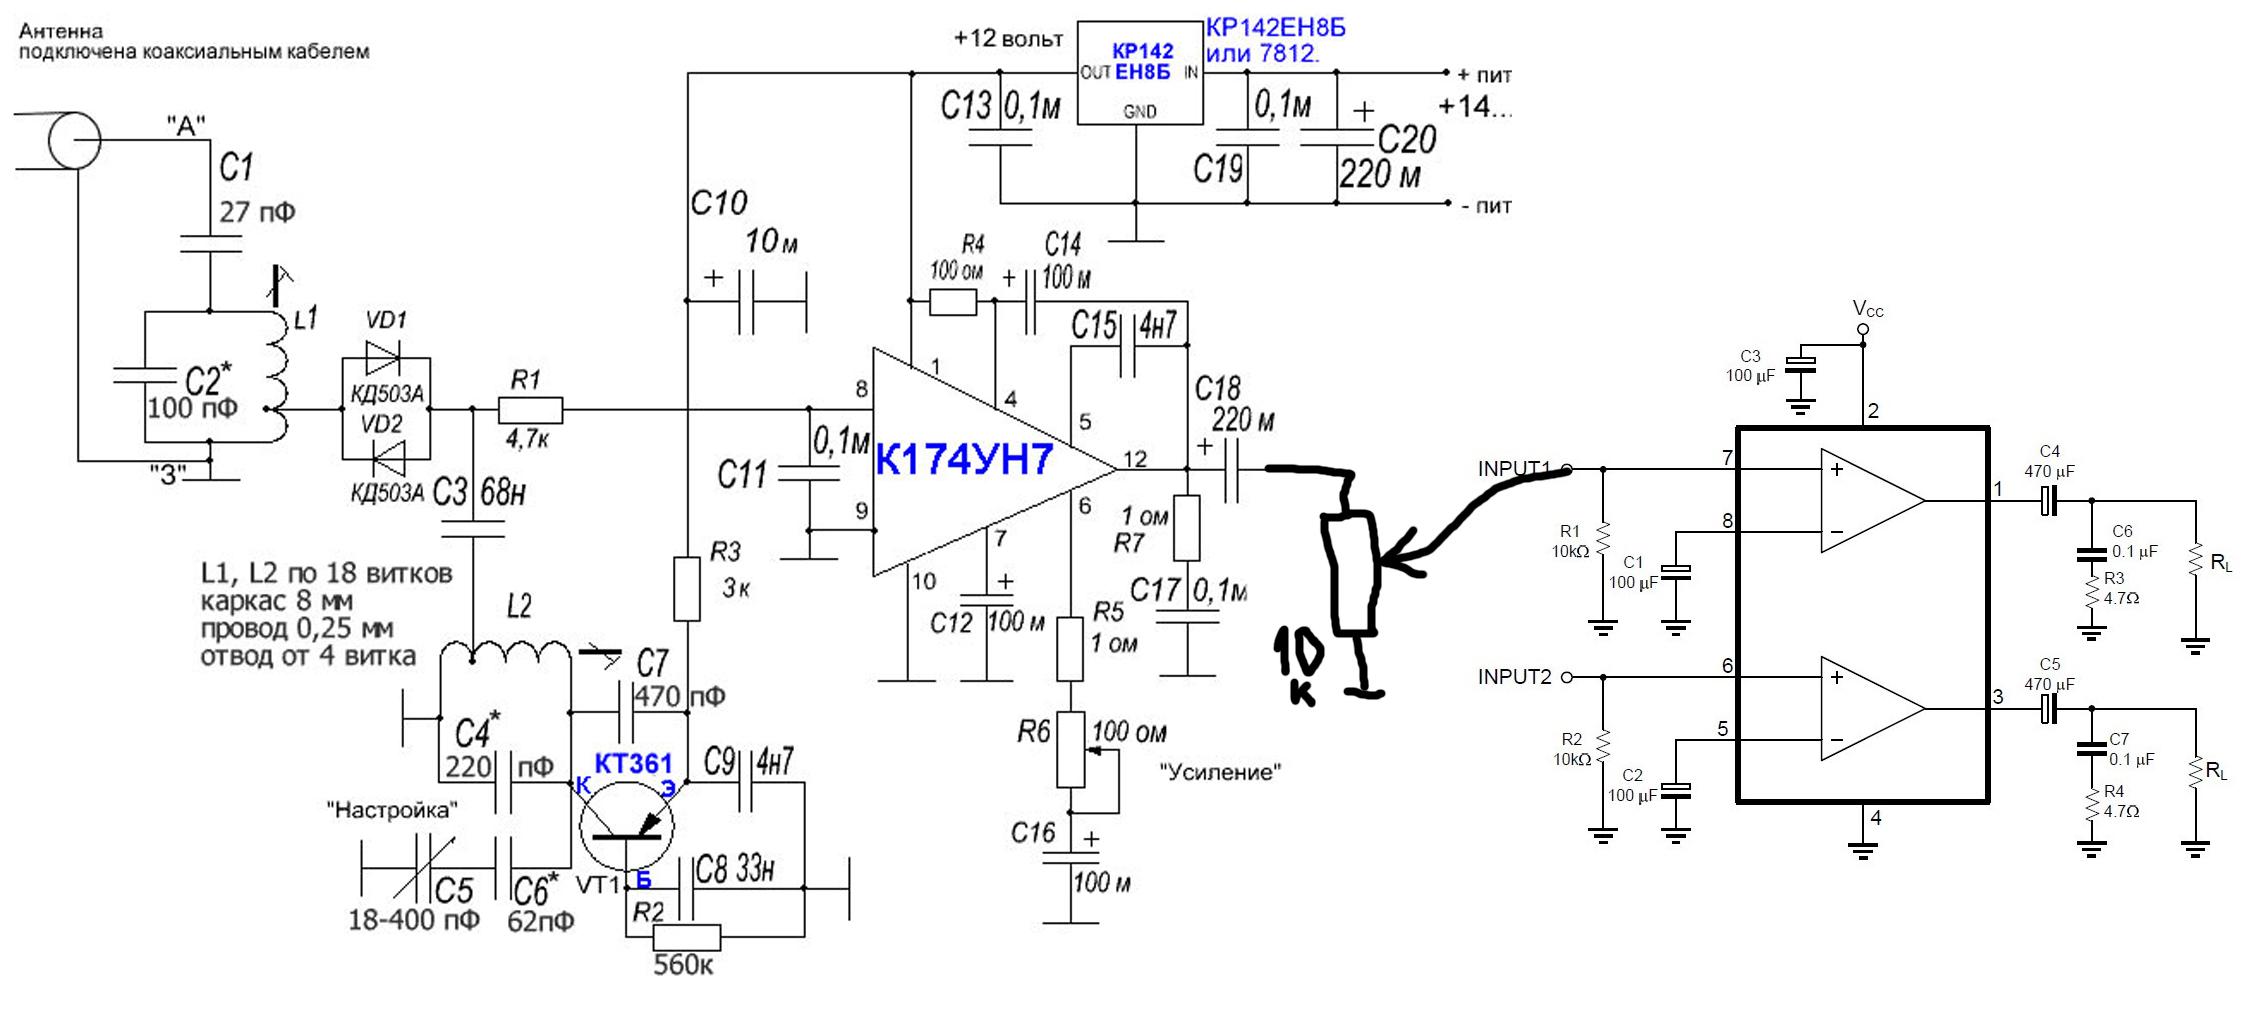 Схема блока питания антенных усилителей